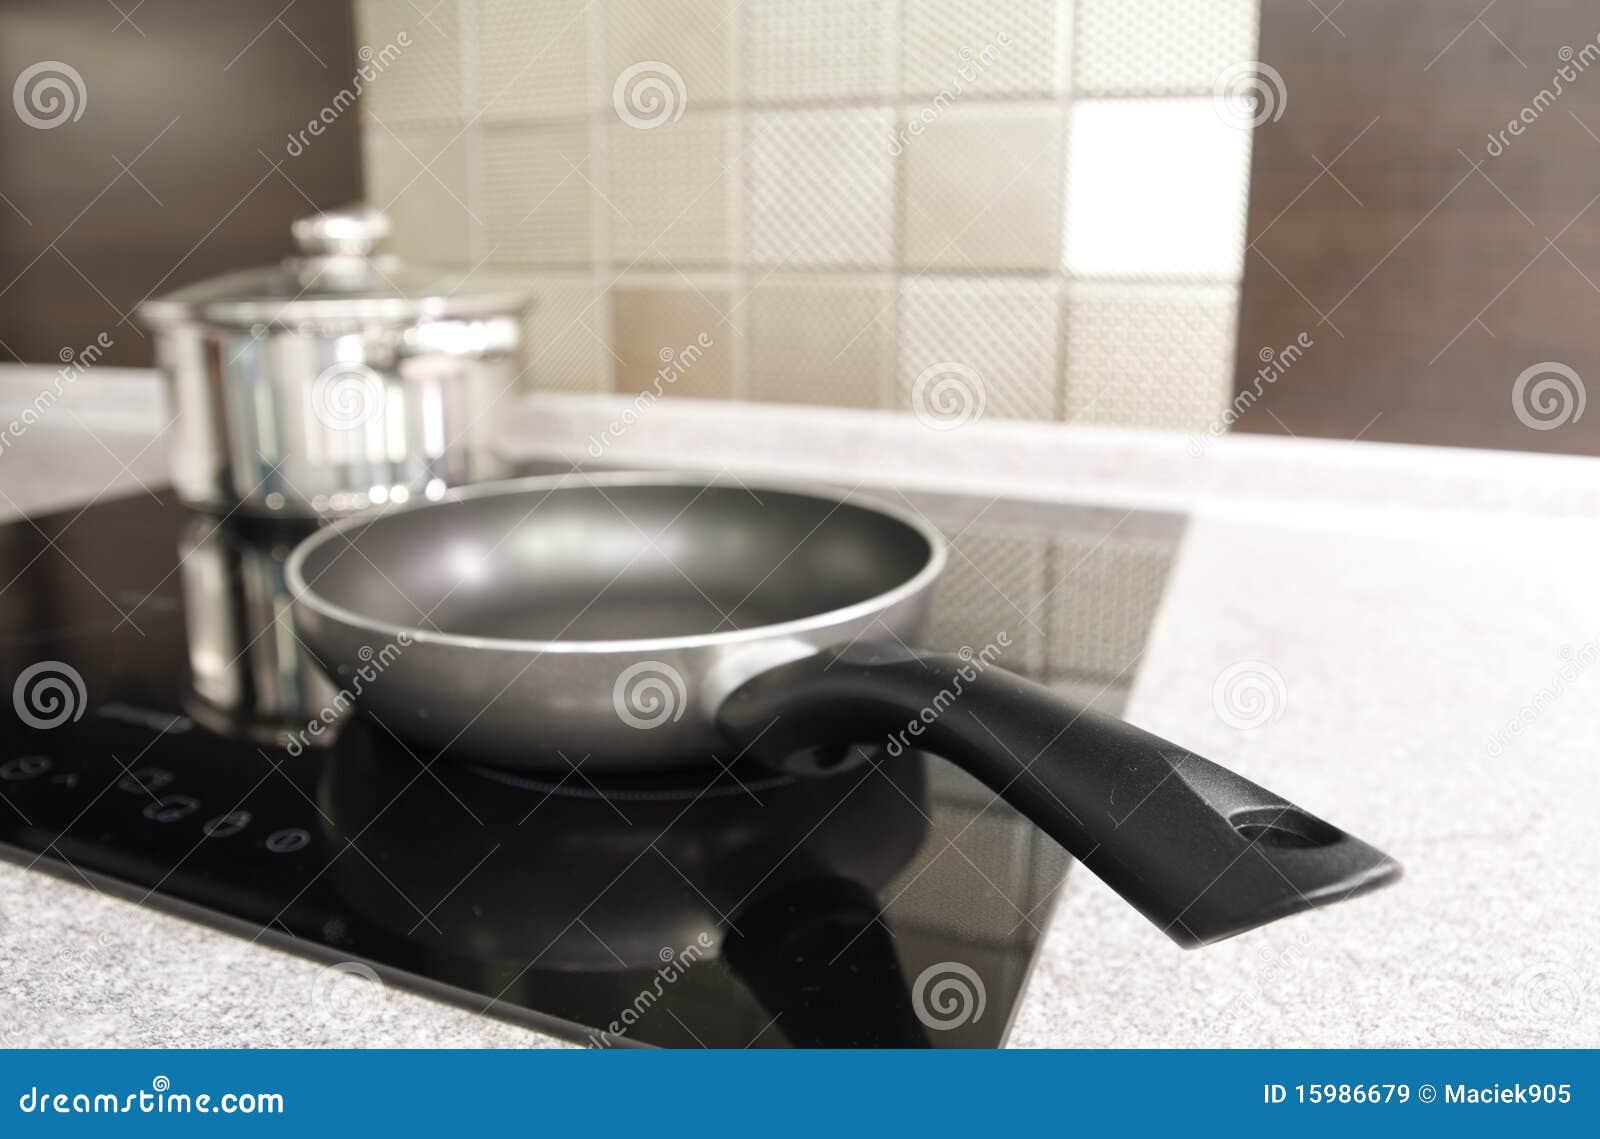 Dispositivos de cozinha modernos. Potenciômetro e bandeja em um fogão